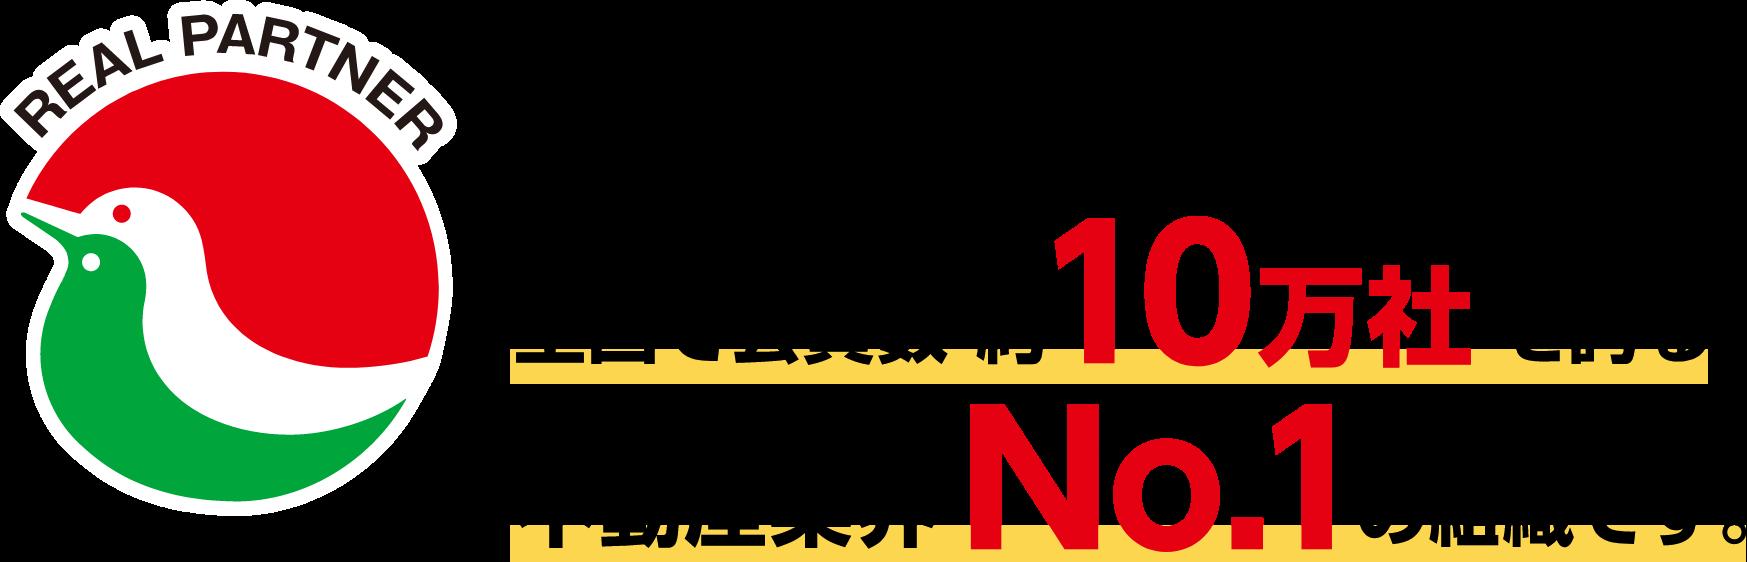 ハトマークが目印の(公社)全国宅地建物取引業協会連合会(全宅連)は、全国で会員数約10万社を誇る不動産業界No.1の組織です。